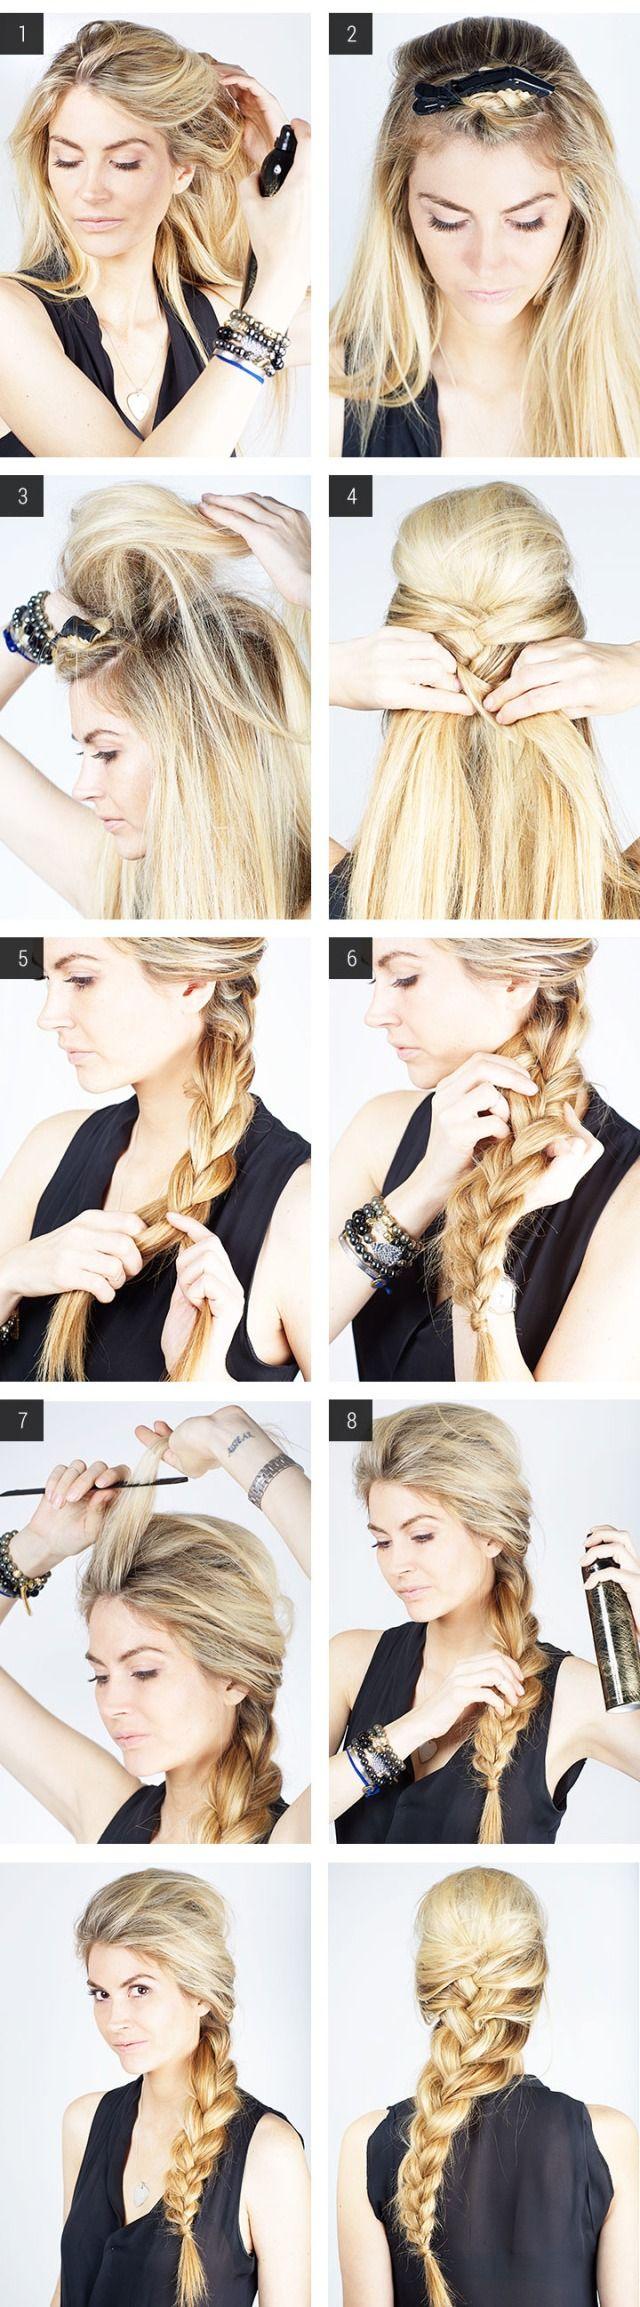 Какую можно сделать прическу своими руками на длинные волосы 74